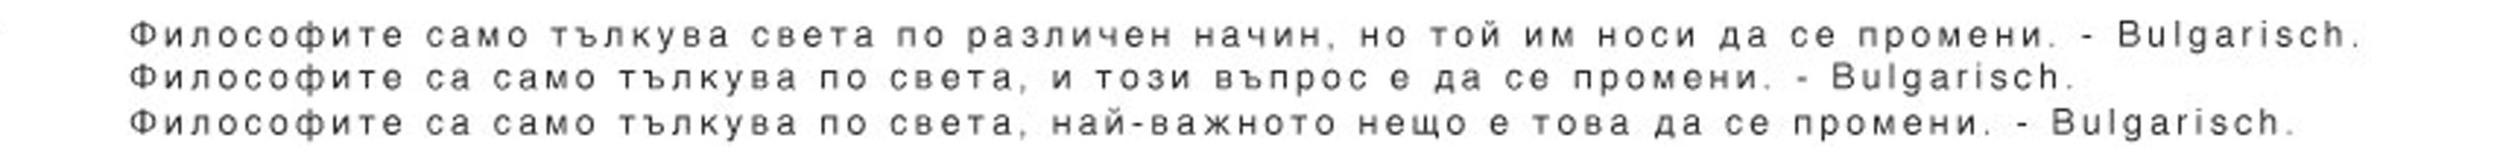 30-10.jpg